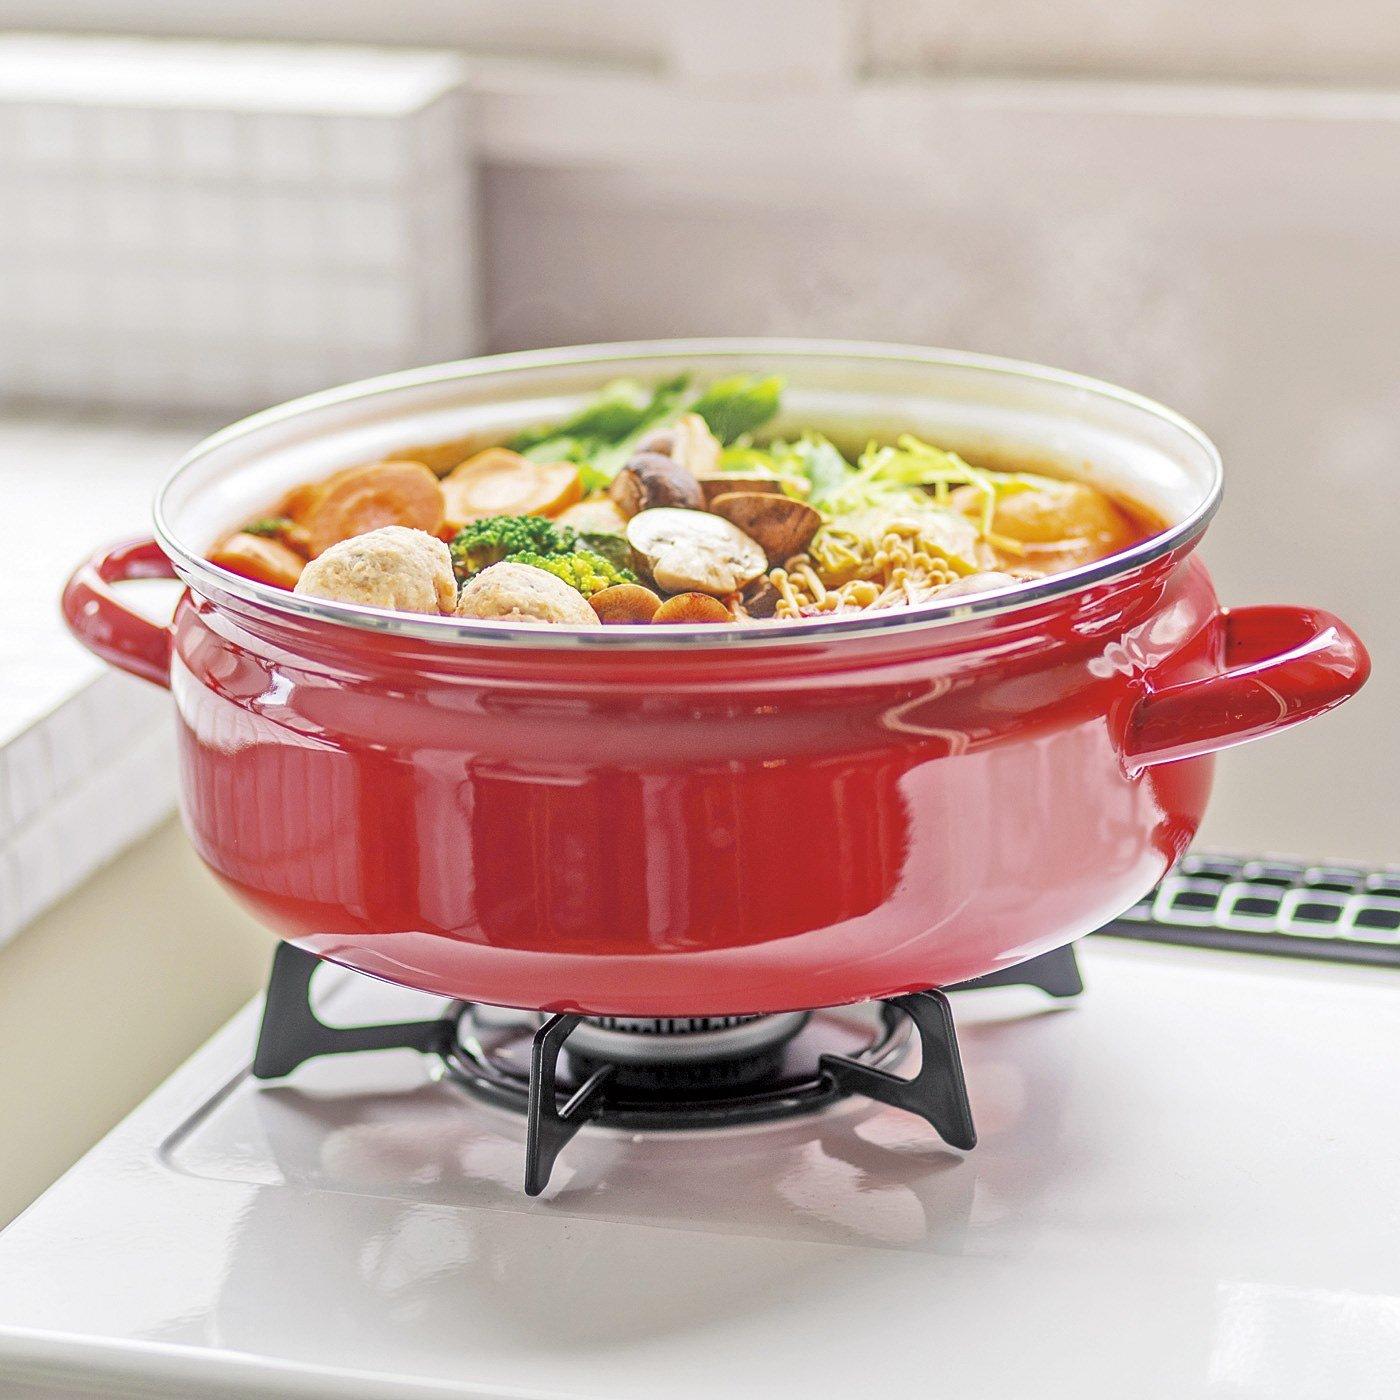 食欲もテンションもアップ!デイリーユースなガラスぶたの赤い両手鍋